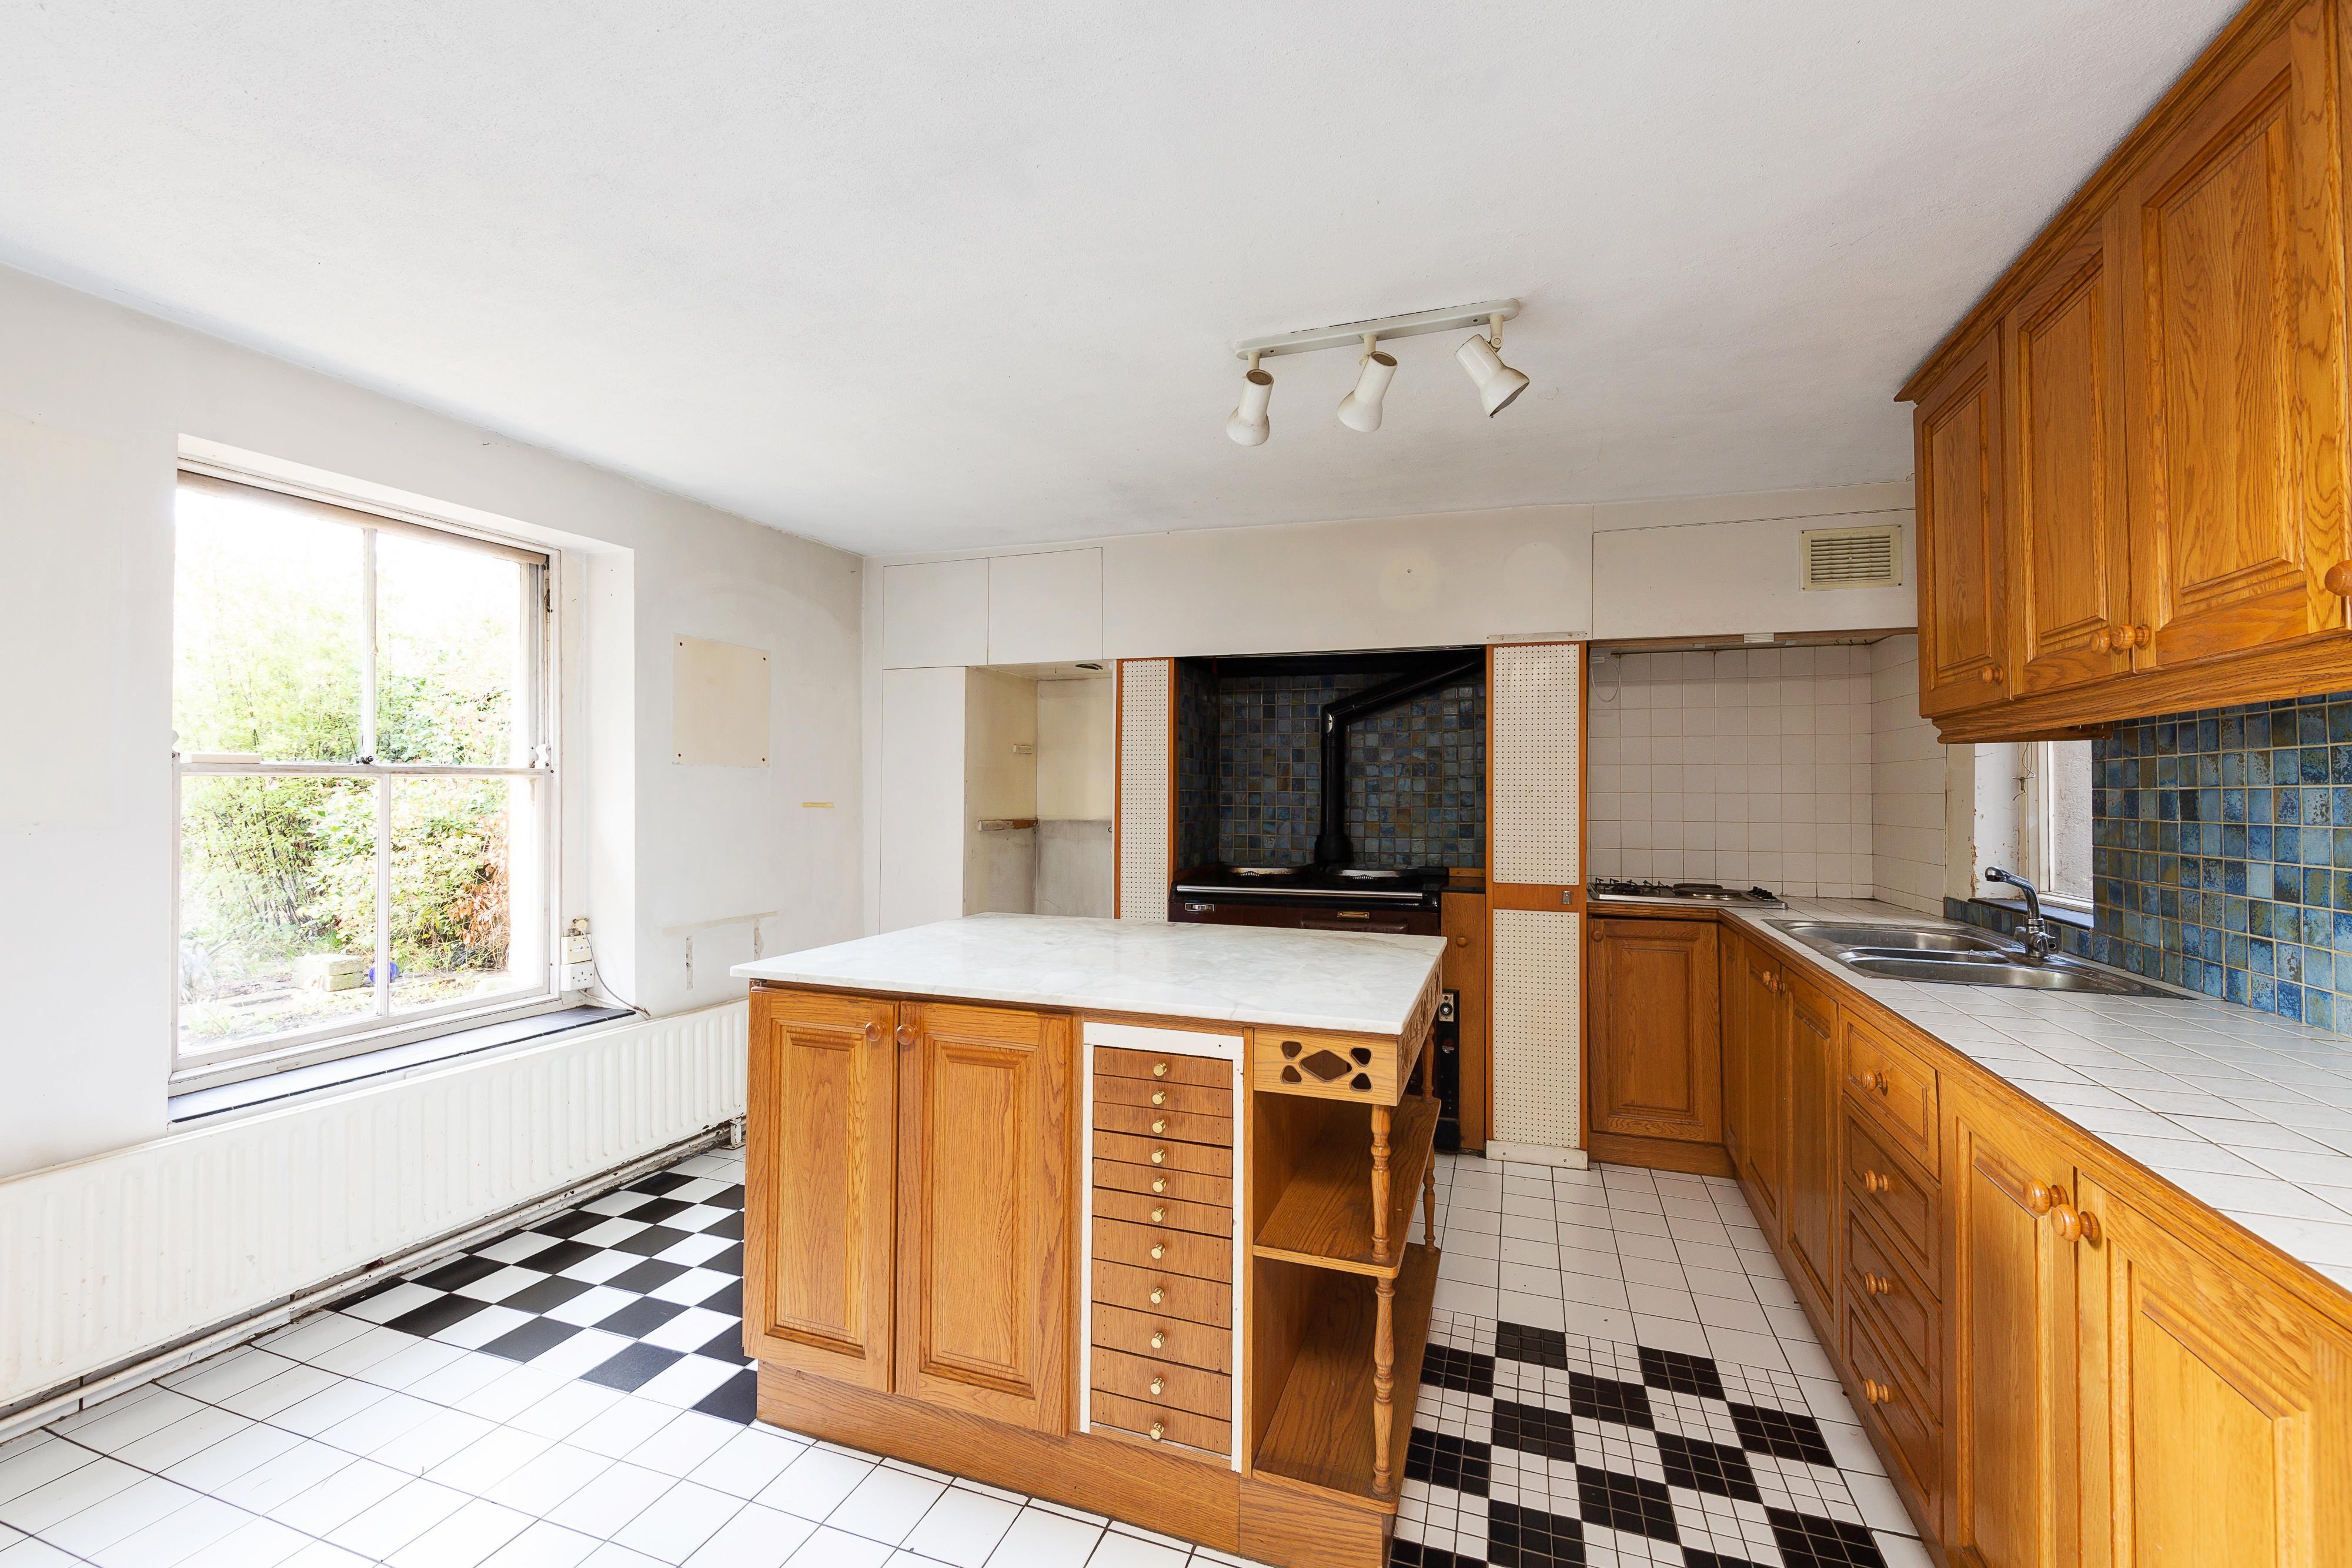 Budget Kitchen Inspo - March, 2019 | Kitchen, Kitchen ...